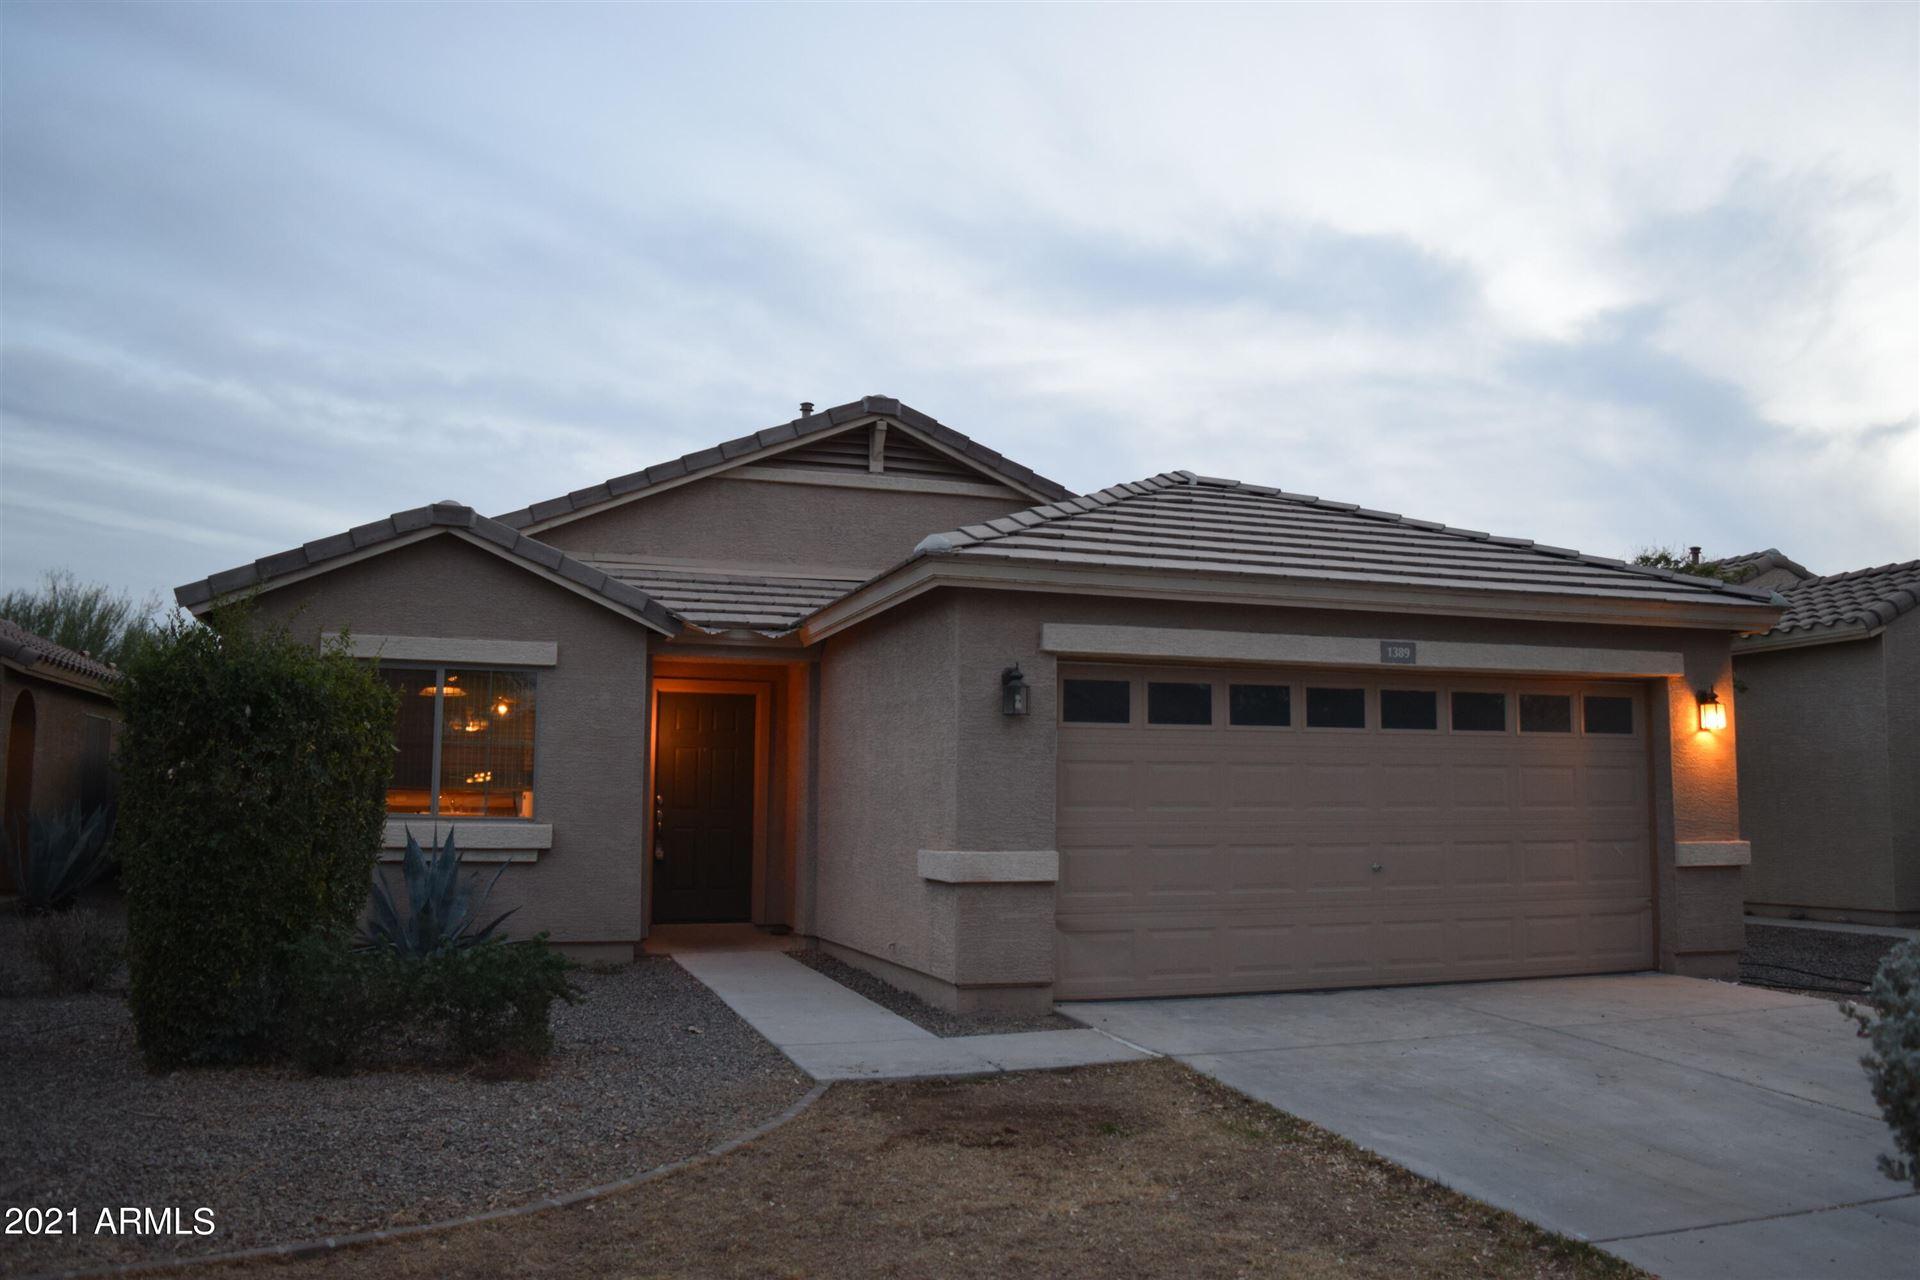 Photo of 1389 W Belmont Red Trail, Queen Creek, AZ 85143 (MLS # 6296034)